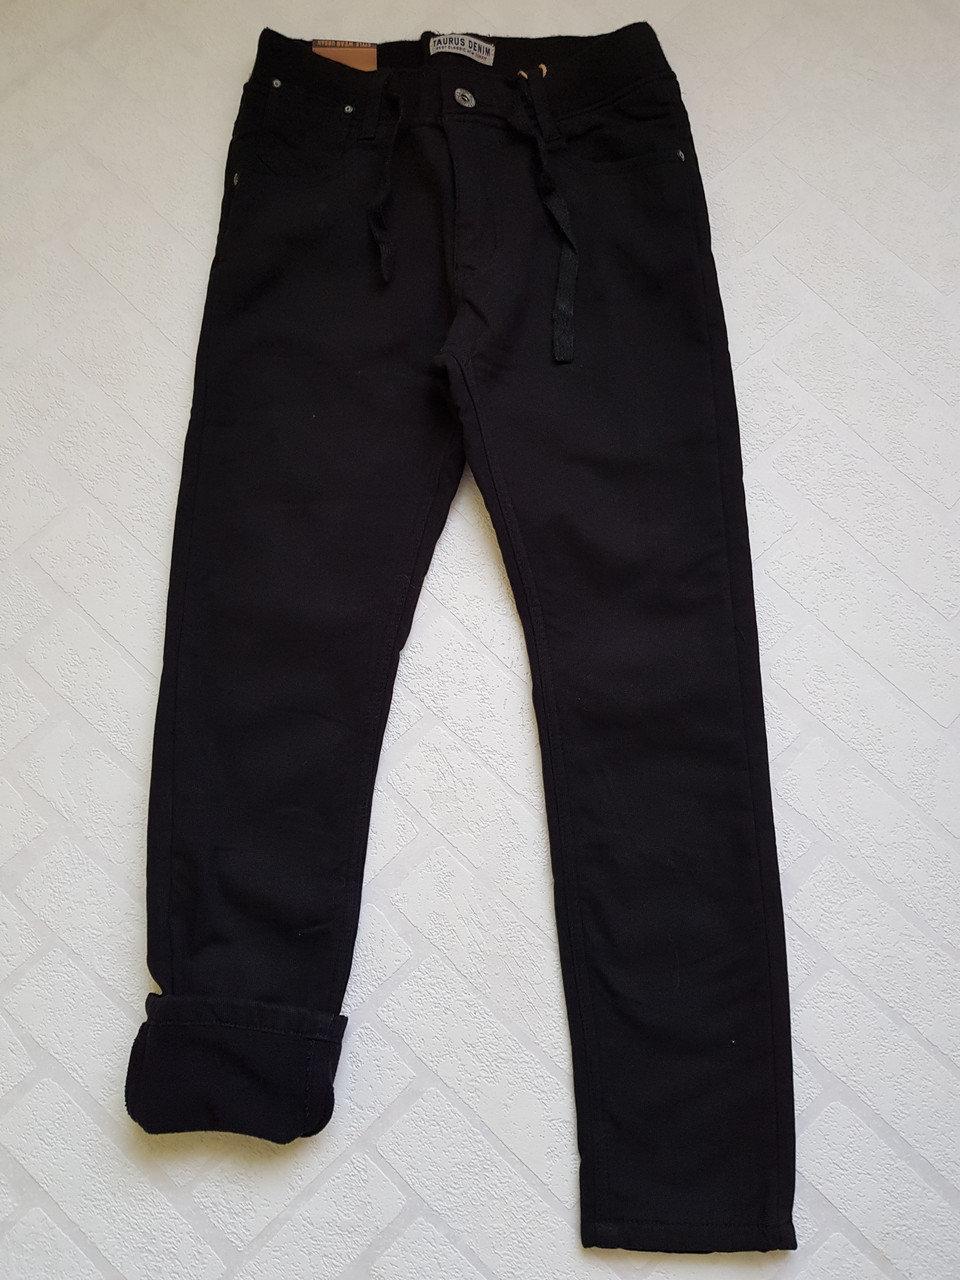 УТЕПЛЁННЫЕ, Черные котоновые брюки на флисе для мальчиков,размеры 122 -152 см.TAURUS.Венгрия